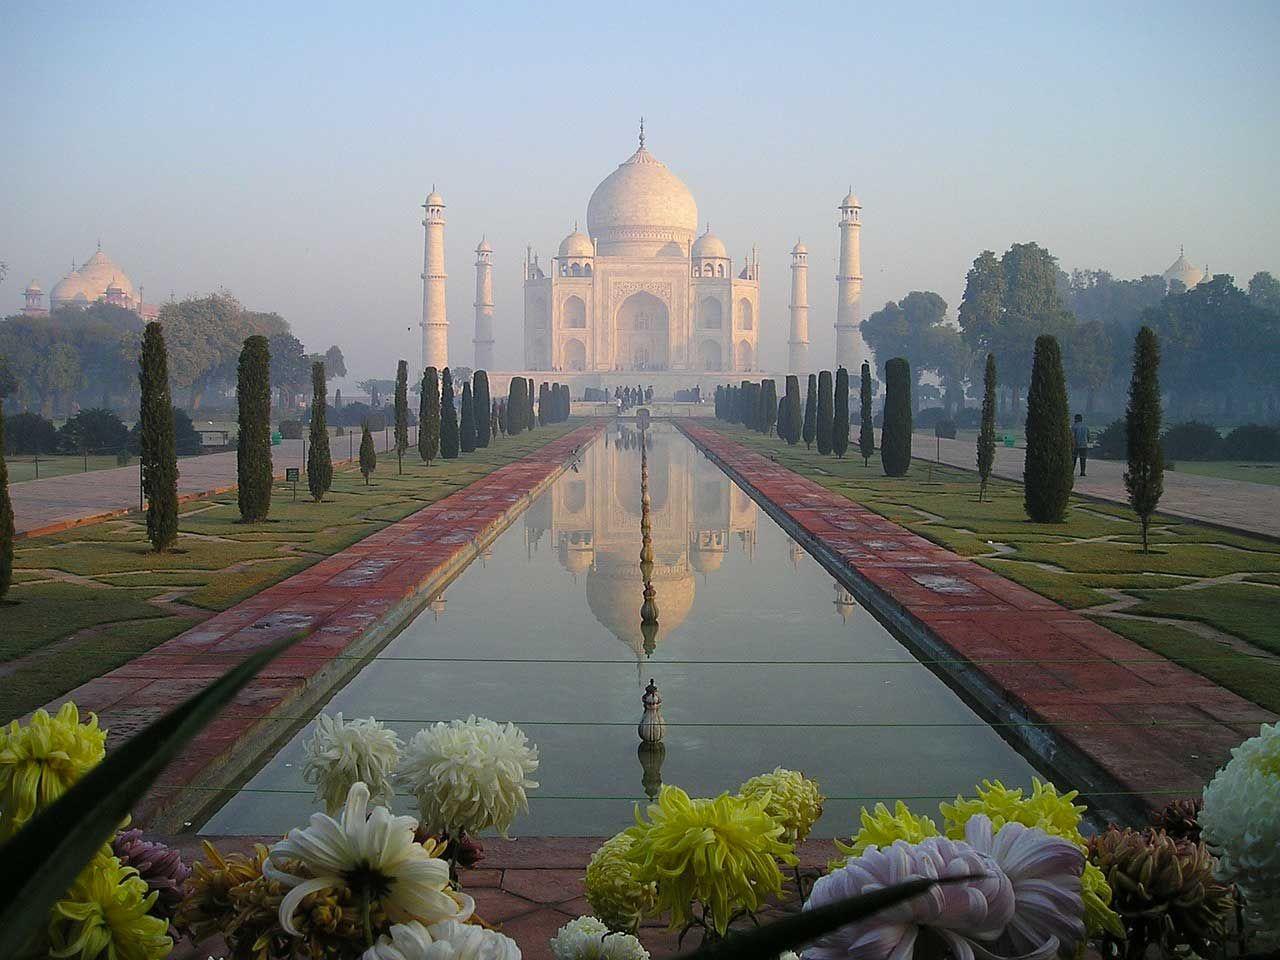 Il Taj Mahal è da sempre considerato una delle bellezze dell'architettura musulmana in India. Tempo di lettura: 4 min.  Taj Mahal, patrimonio dell'umanità dell'UNESCO. Intorno al Taj Mahal sono emerse nel corso degli anni molte interessanti ver